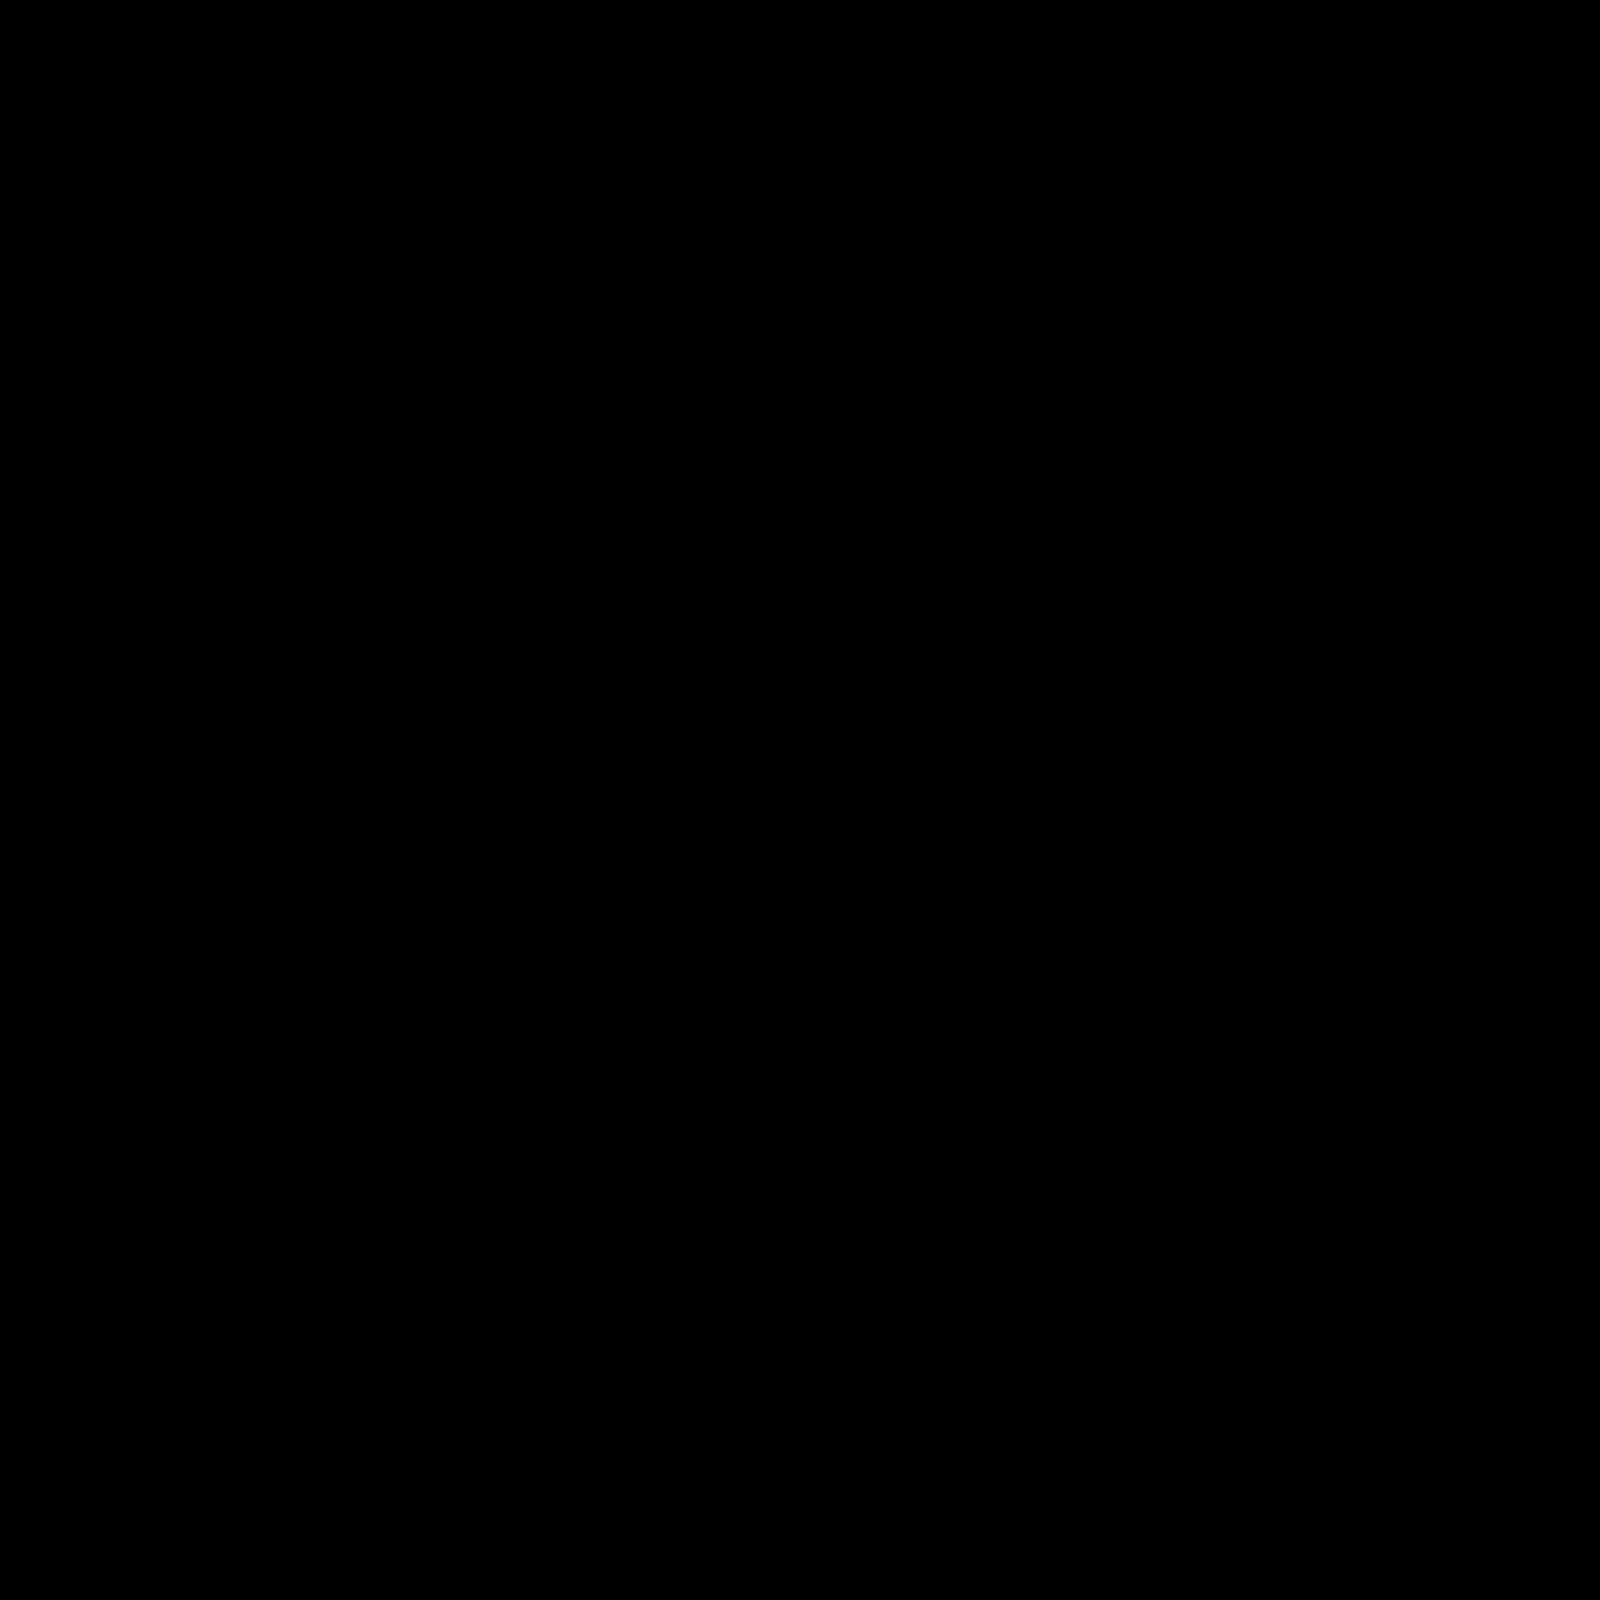 外部温度 icon. There is a lightbulb shaped object that looks upside down at the very right side. there is a circle inside of it with a line on it, facing up. there is a house on the left side